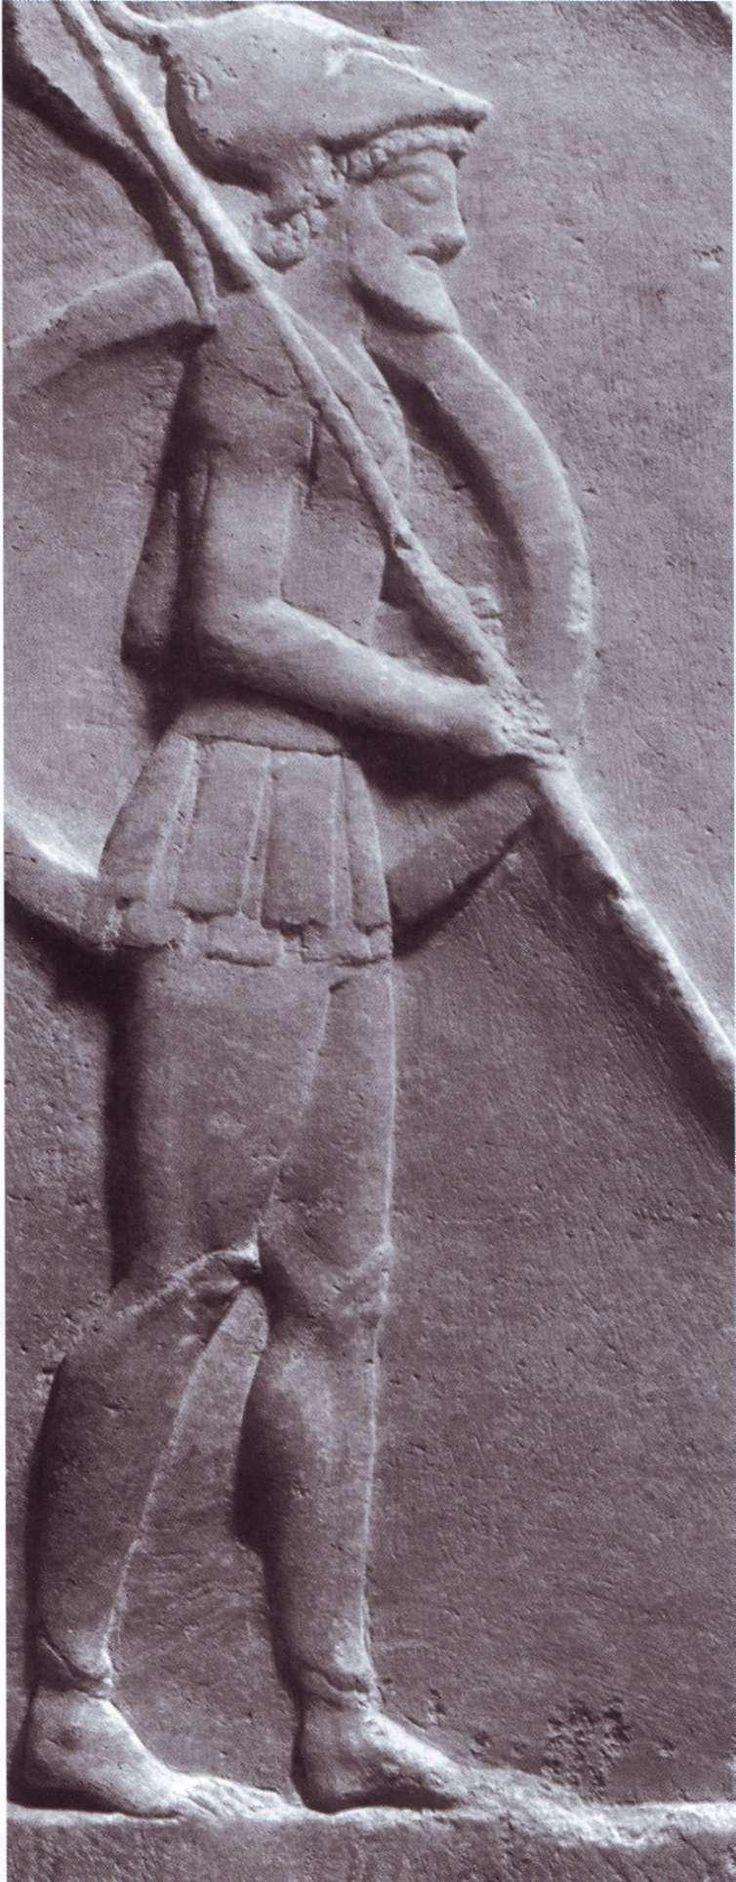 Αθηναίος οπλίτης. Η άριστη φυσική κατάσταση, η μεγάλη δύναμη, η εντατική εκπαίδευση και ο ισχυρός οπλισμός του τον καθιστούσαν τον πλέον επίφοβο αντίπαλο για οποιονδήποτε στρατό της Αρχαιότητας (Αθήνα, Εθνικό Αρχαιολογικό Μουσείο).